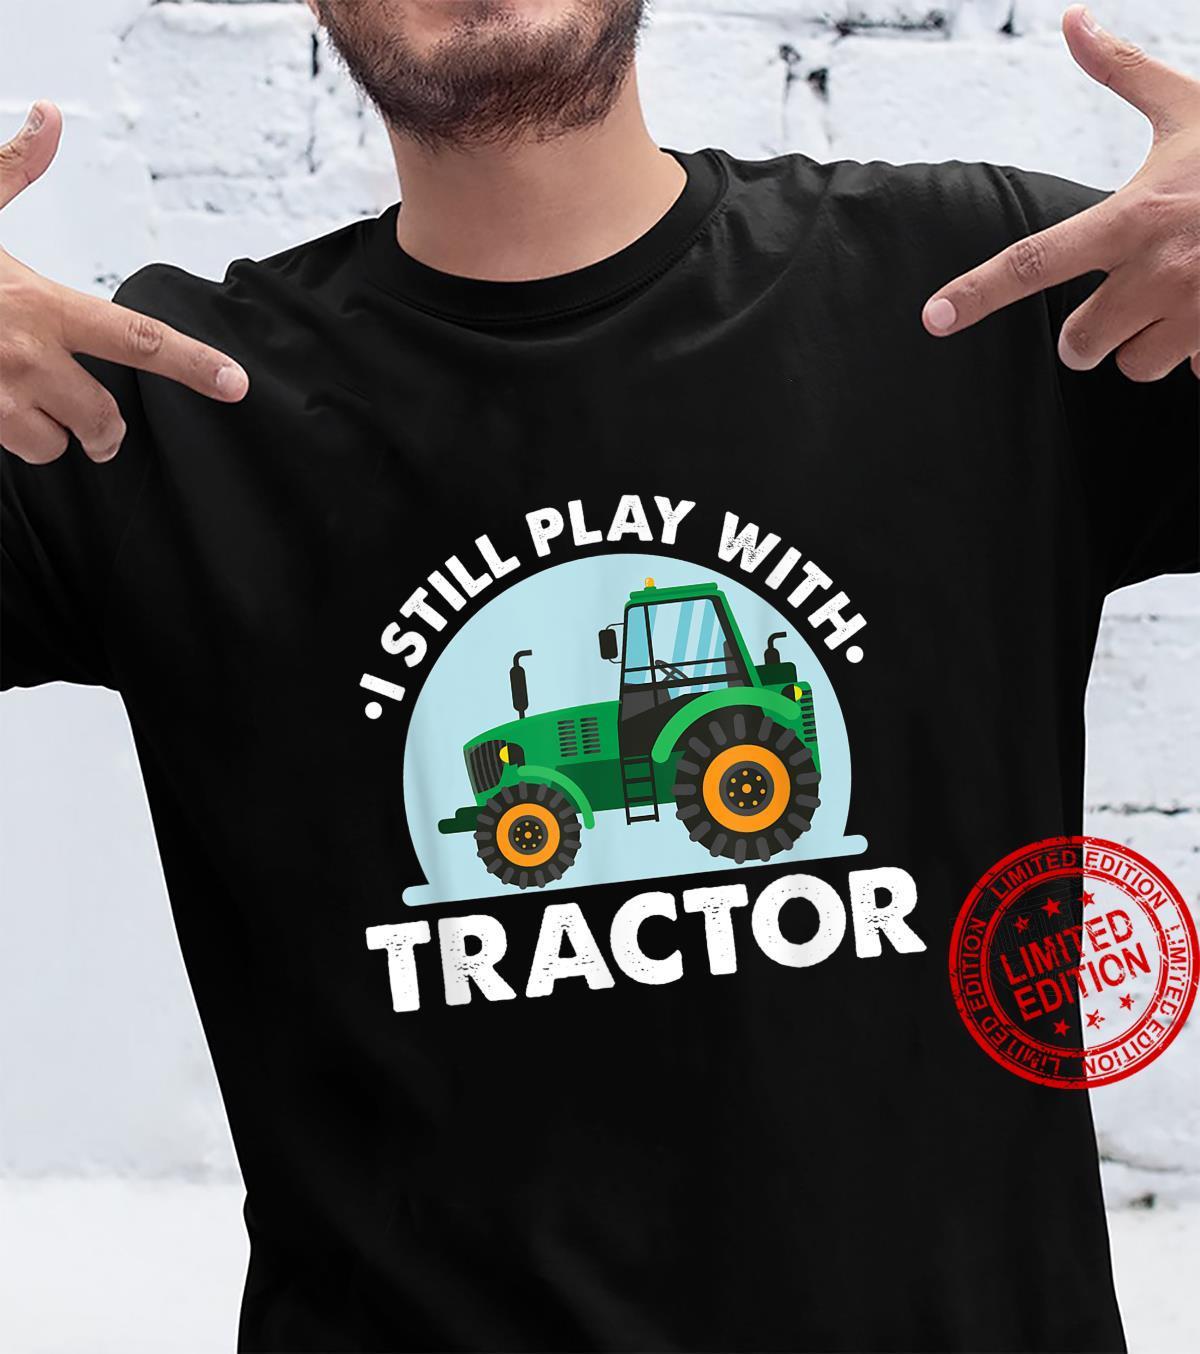 Spiele Mit Traktor Landwirt Bauer Agrar Acker Geschenk Shirt